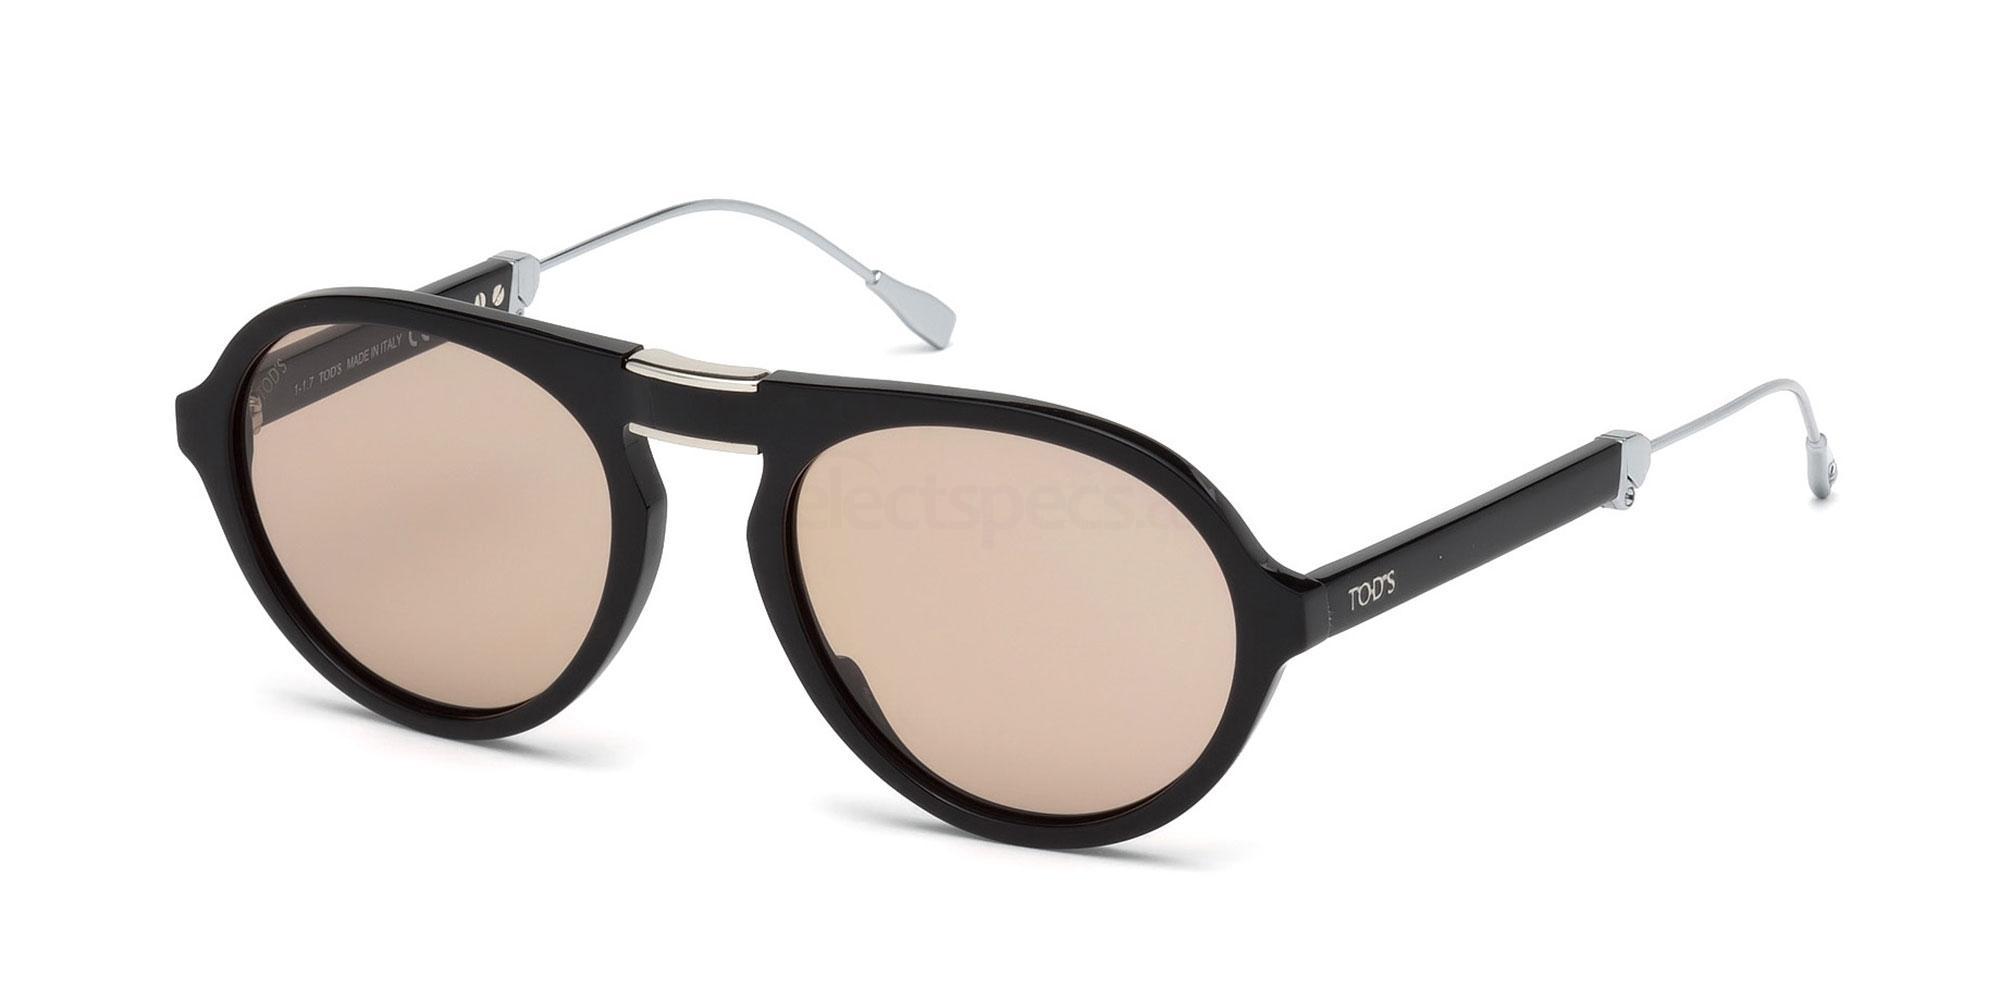 01E TO0221 Sunglasses, TODS